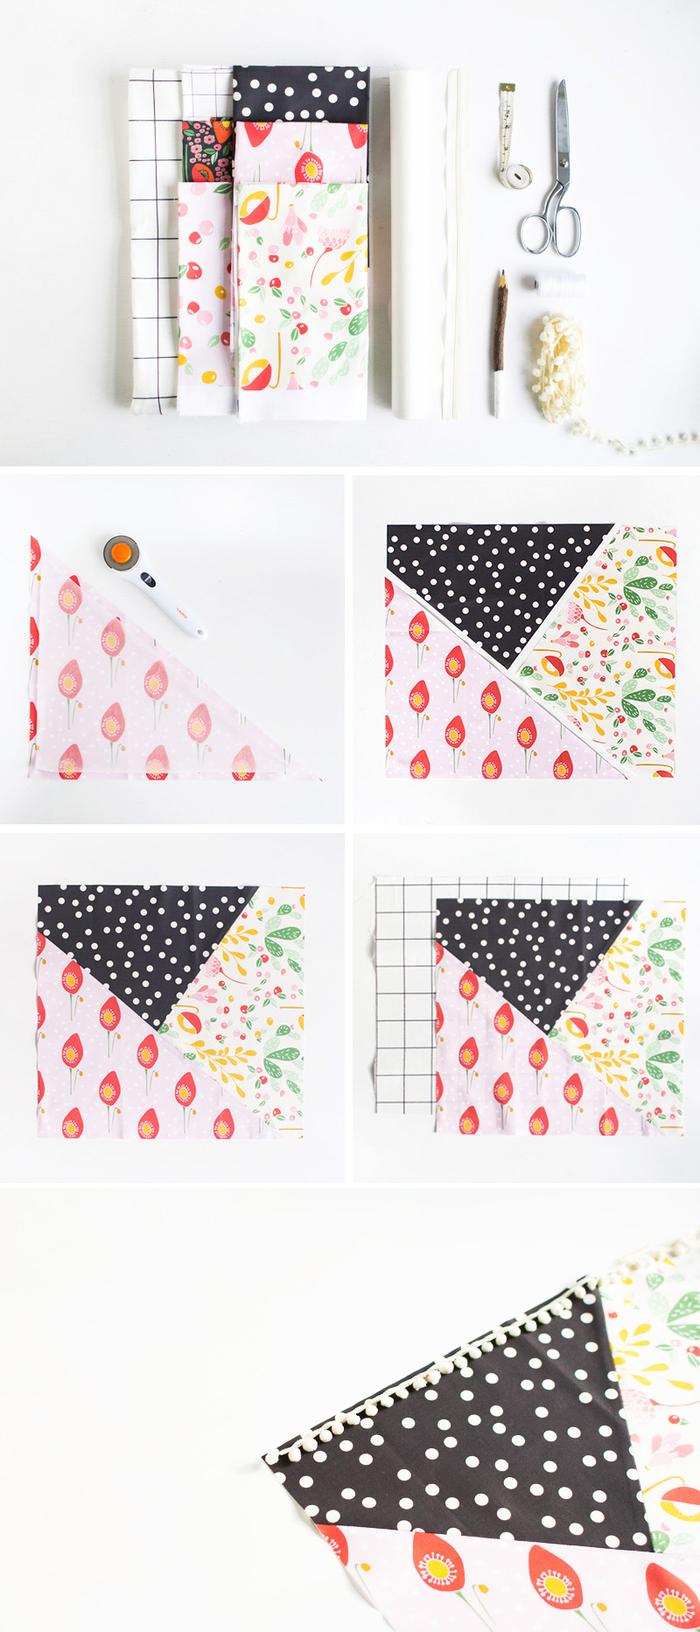 tuto couture facile pour réaliser une housse de coussin patchwork à motifs graphique et végétaux, idée cadeau fête des mères a fabriquer soi-même